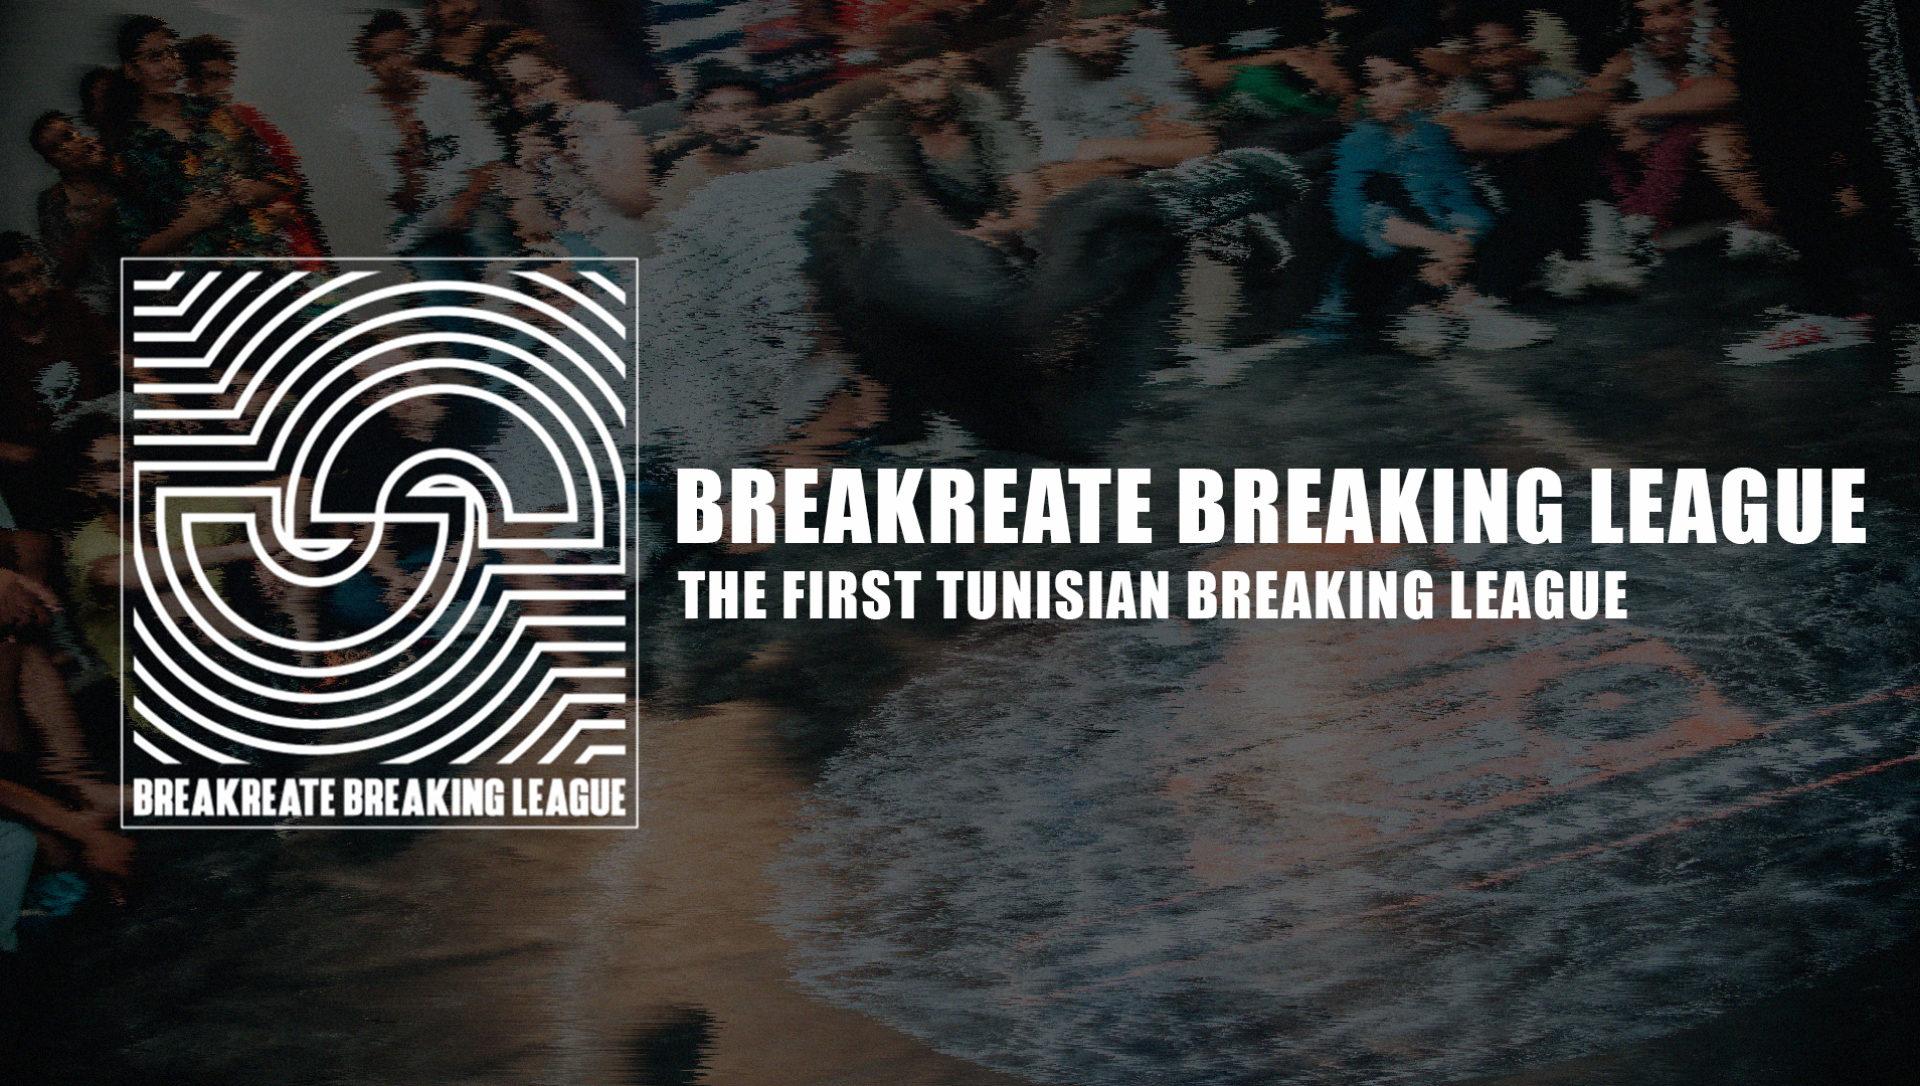 Breakreate Breaking League: The First Breaking League in Tunisia